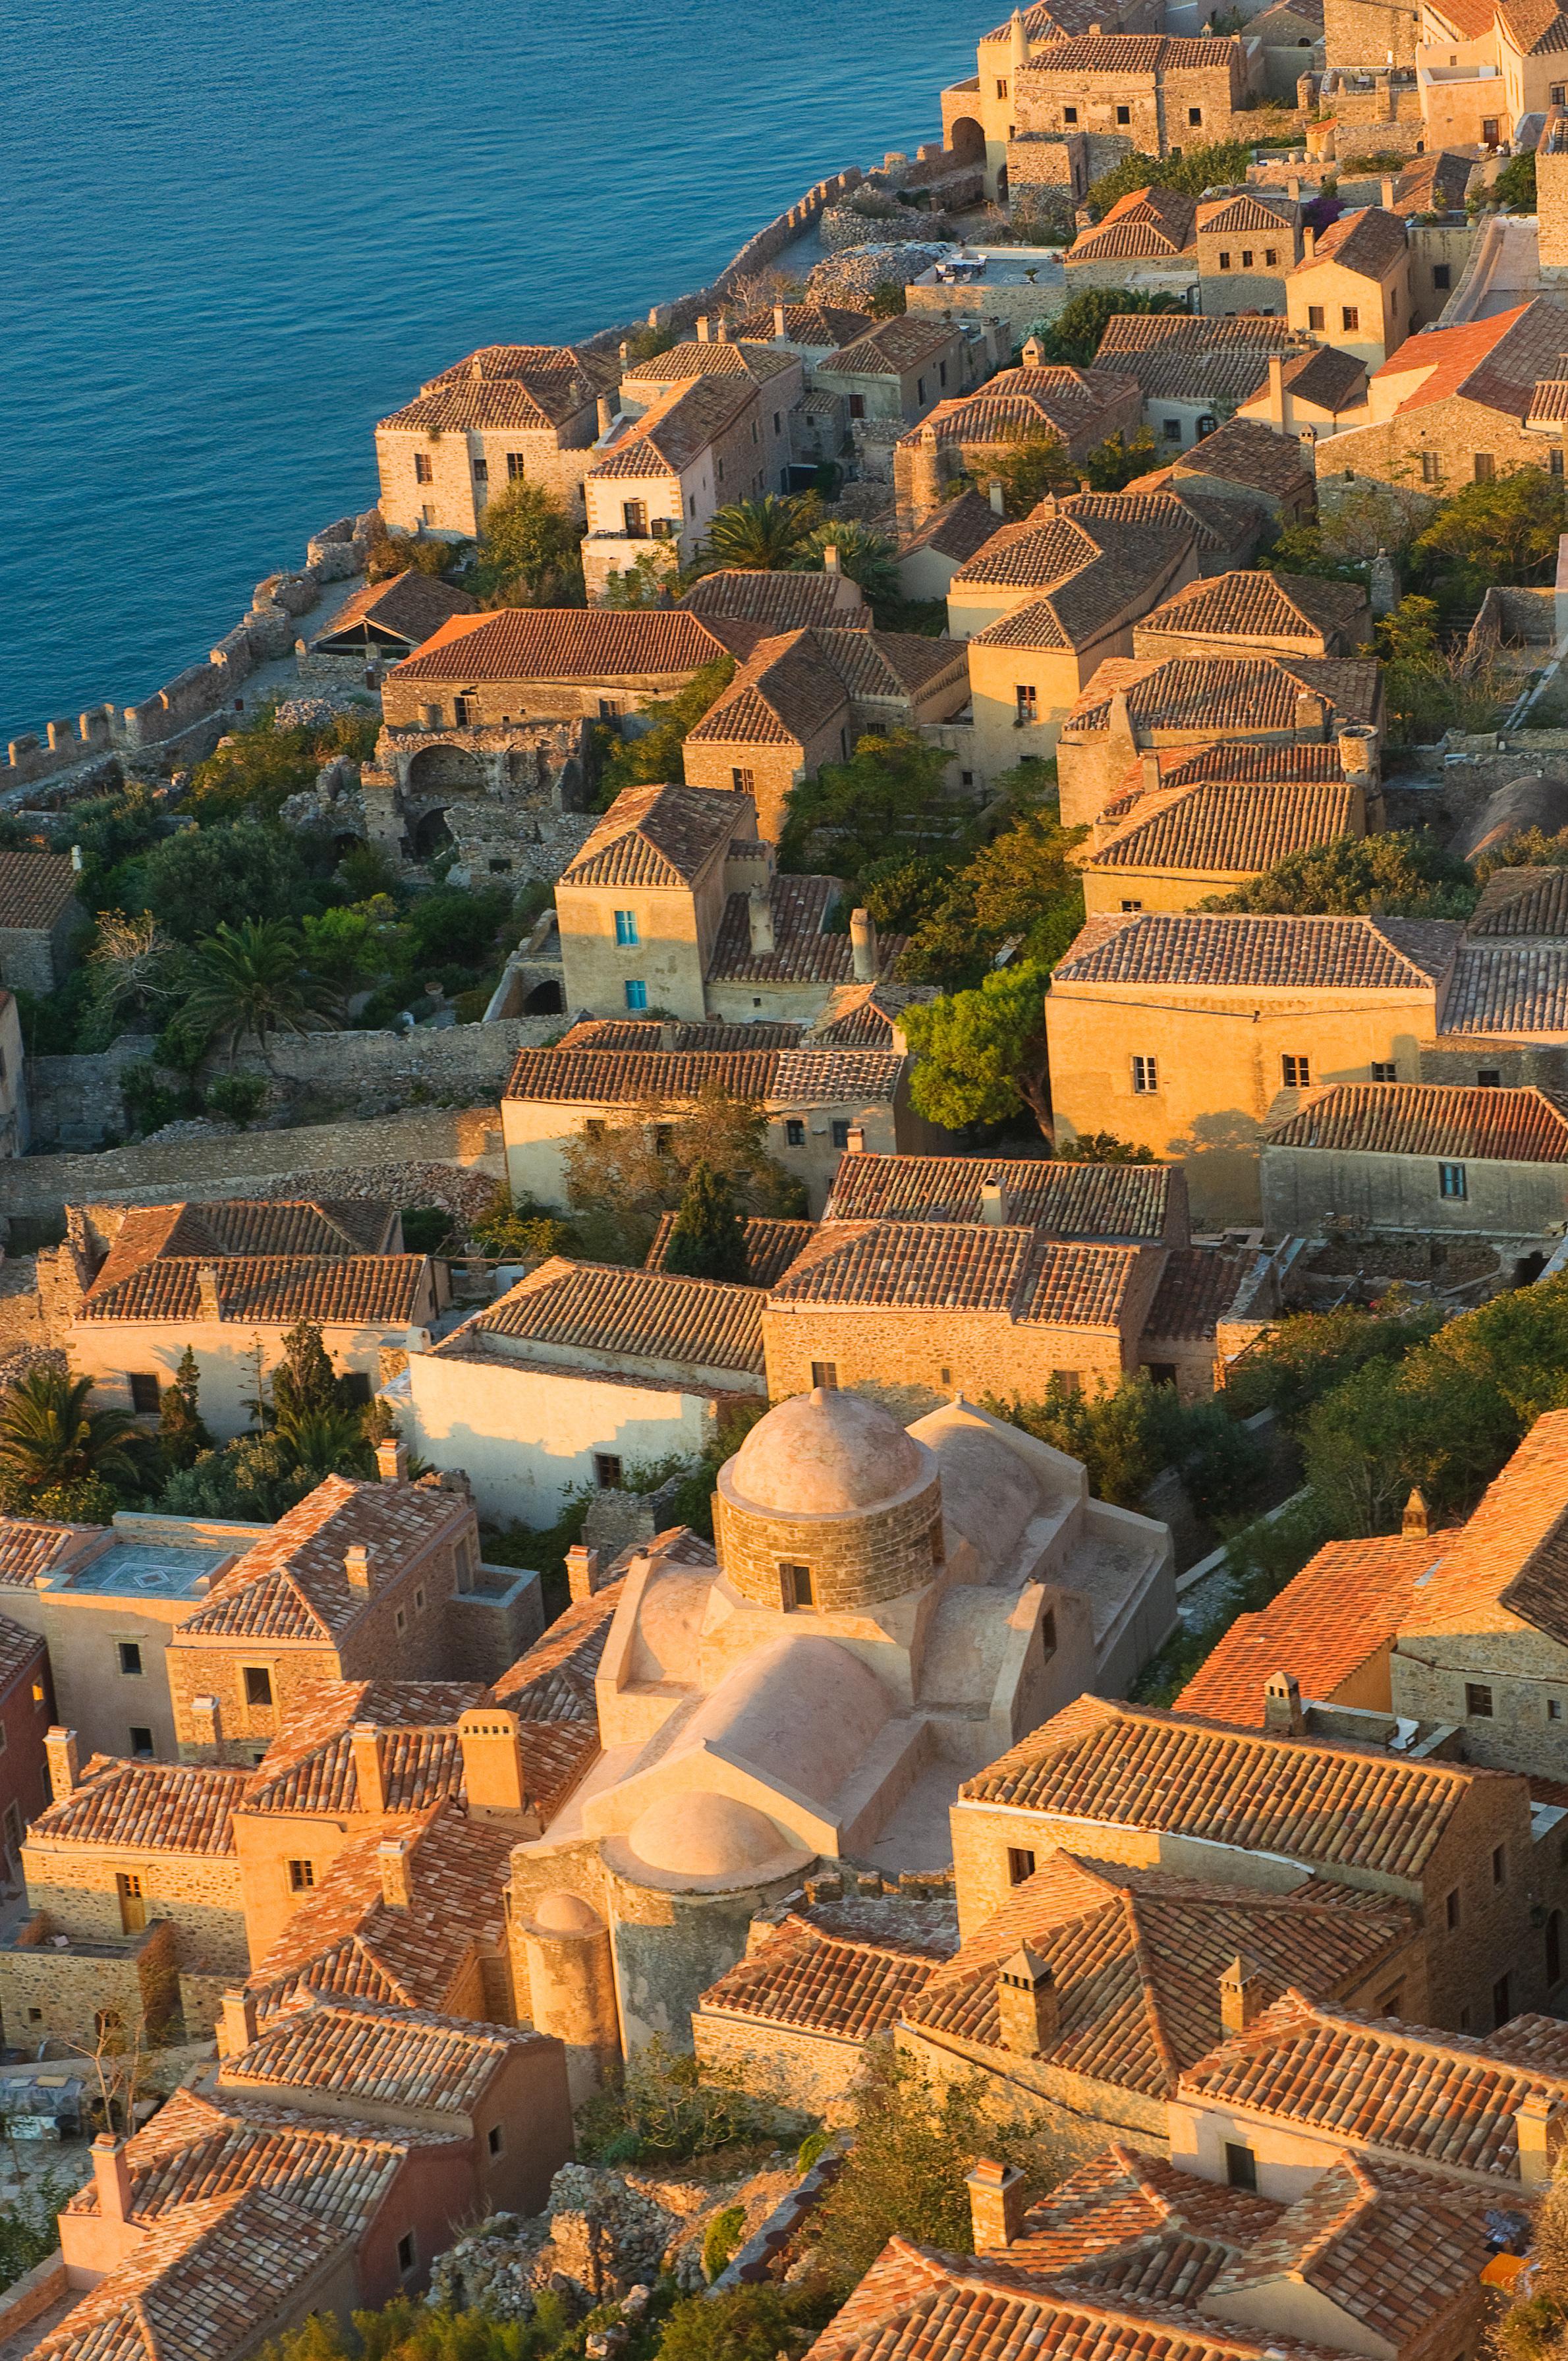 medieval-walled-town-of-monemvasia-greece-2